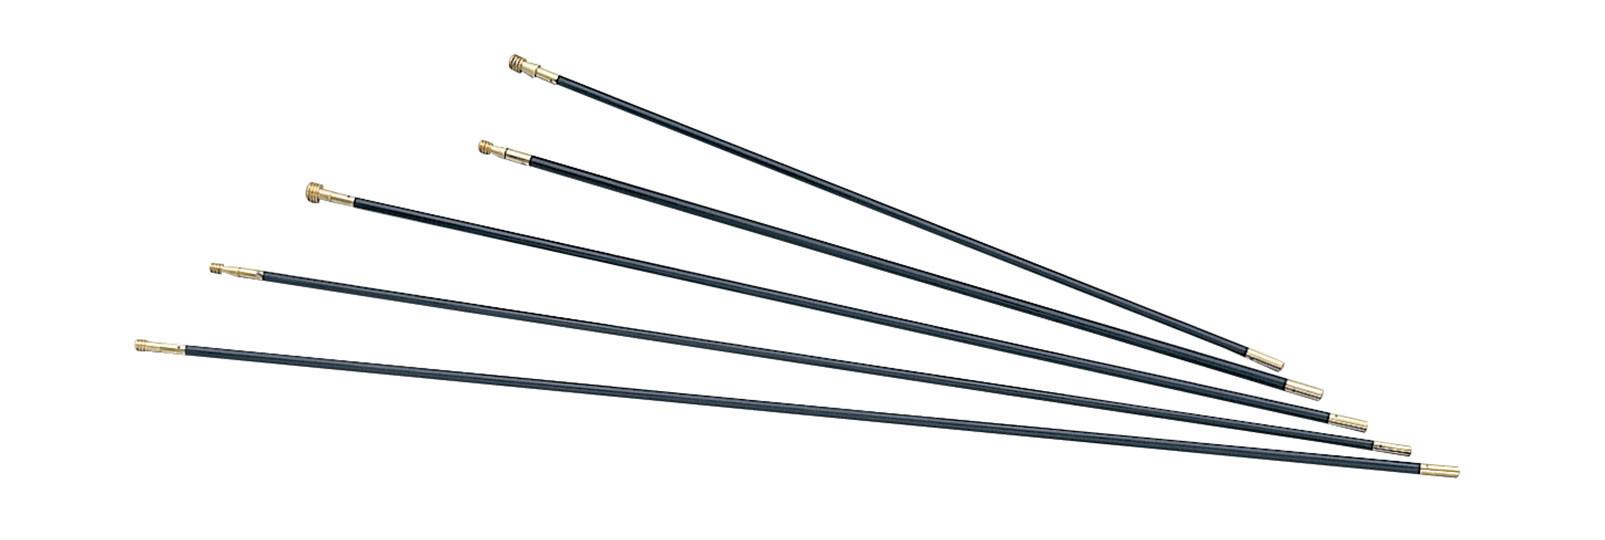 Bacchetta in fibra per armi ad avancarica 7x1060 mm